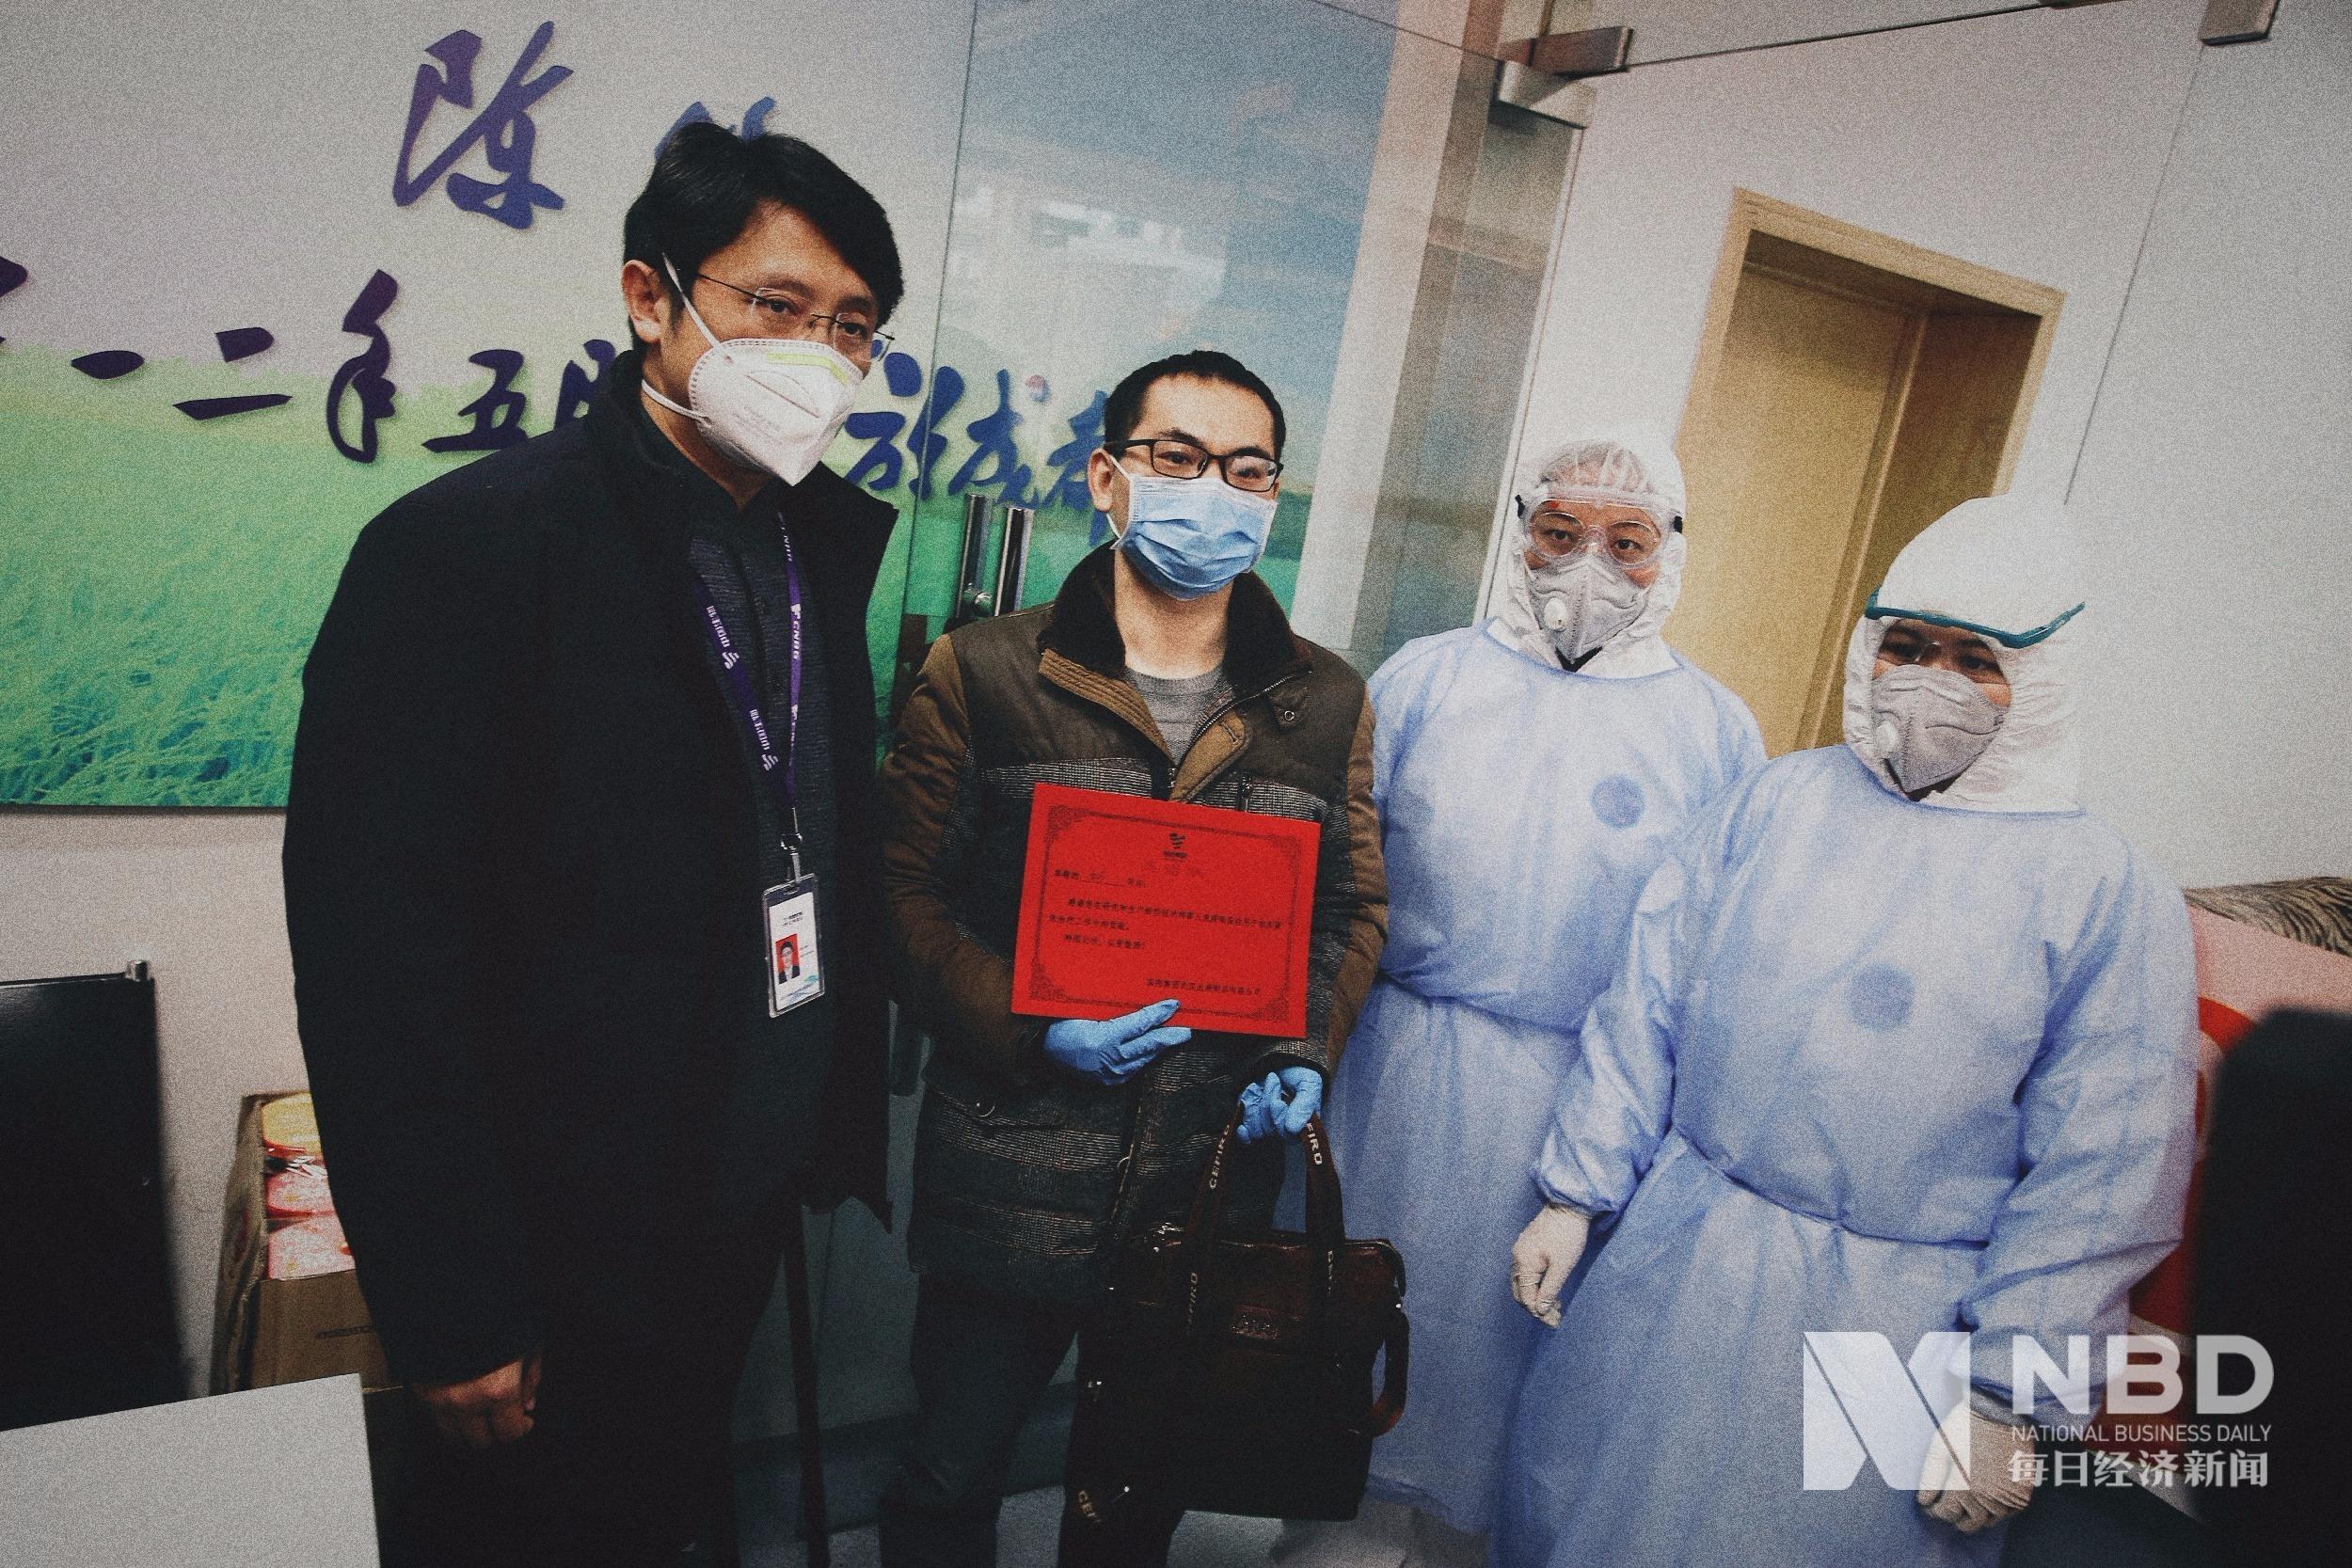 新冠肺炎康复者捐血点完成首例血浆采集 捐赠人